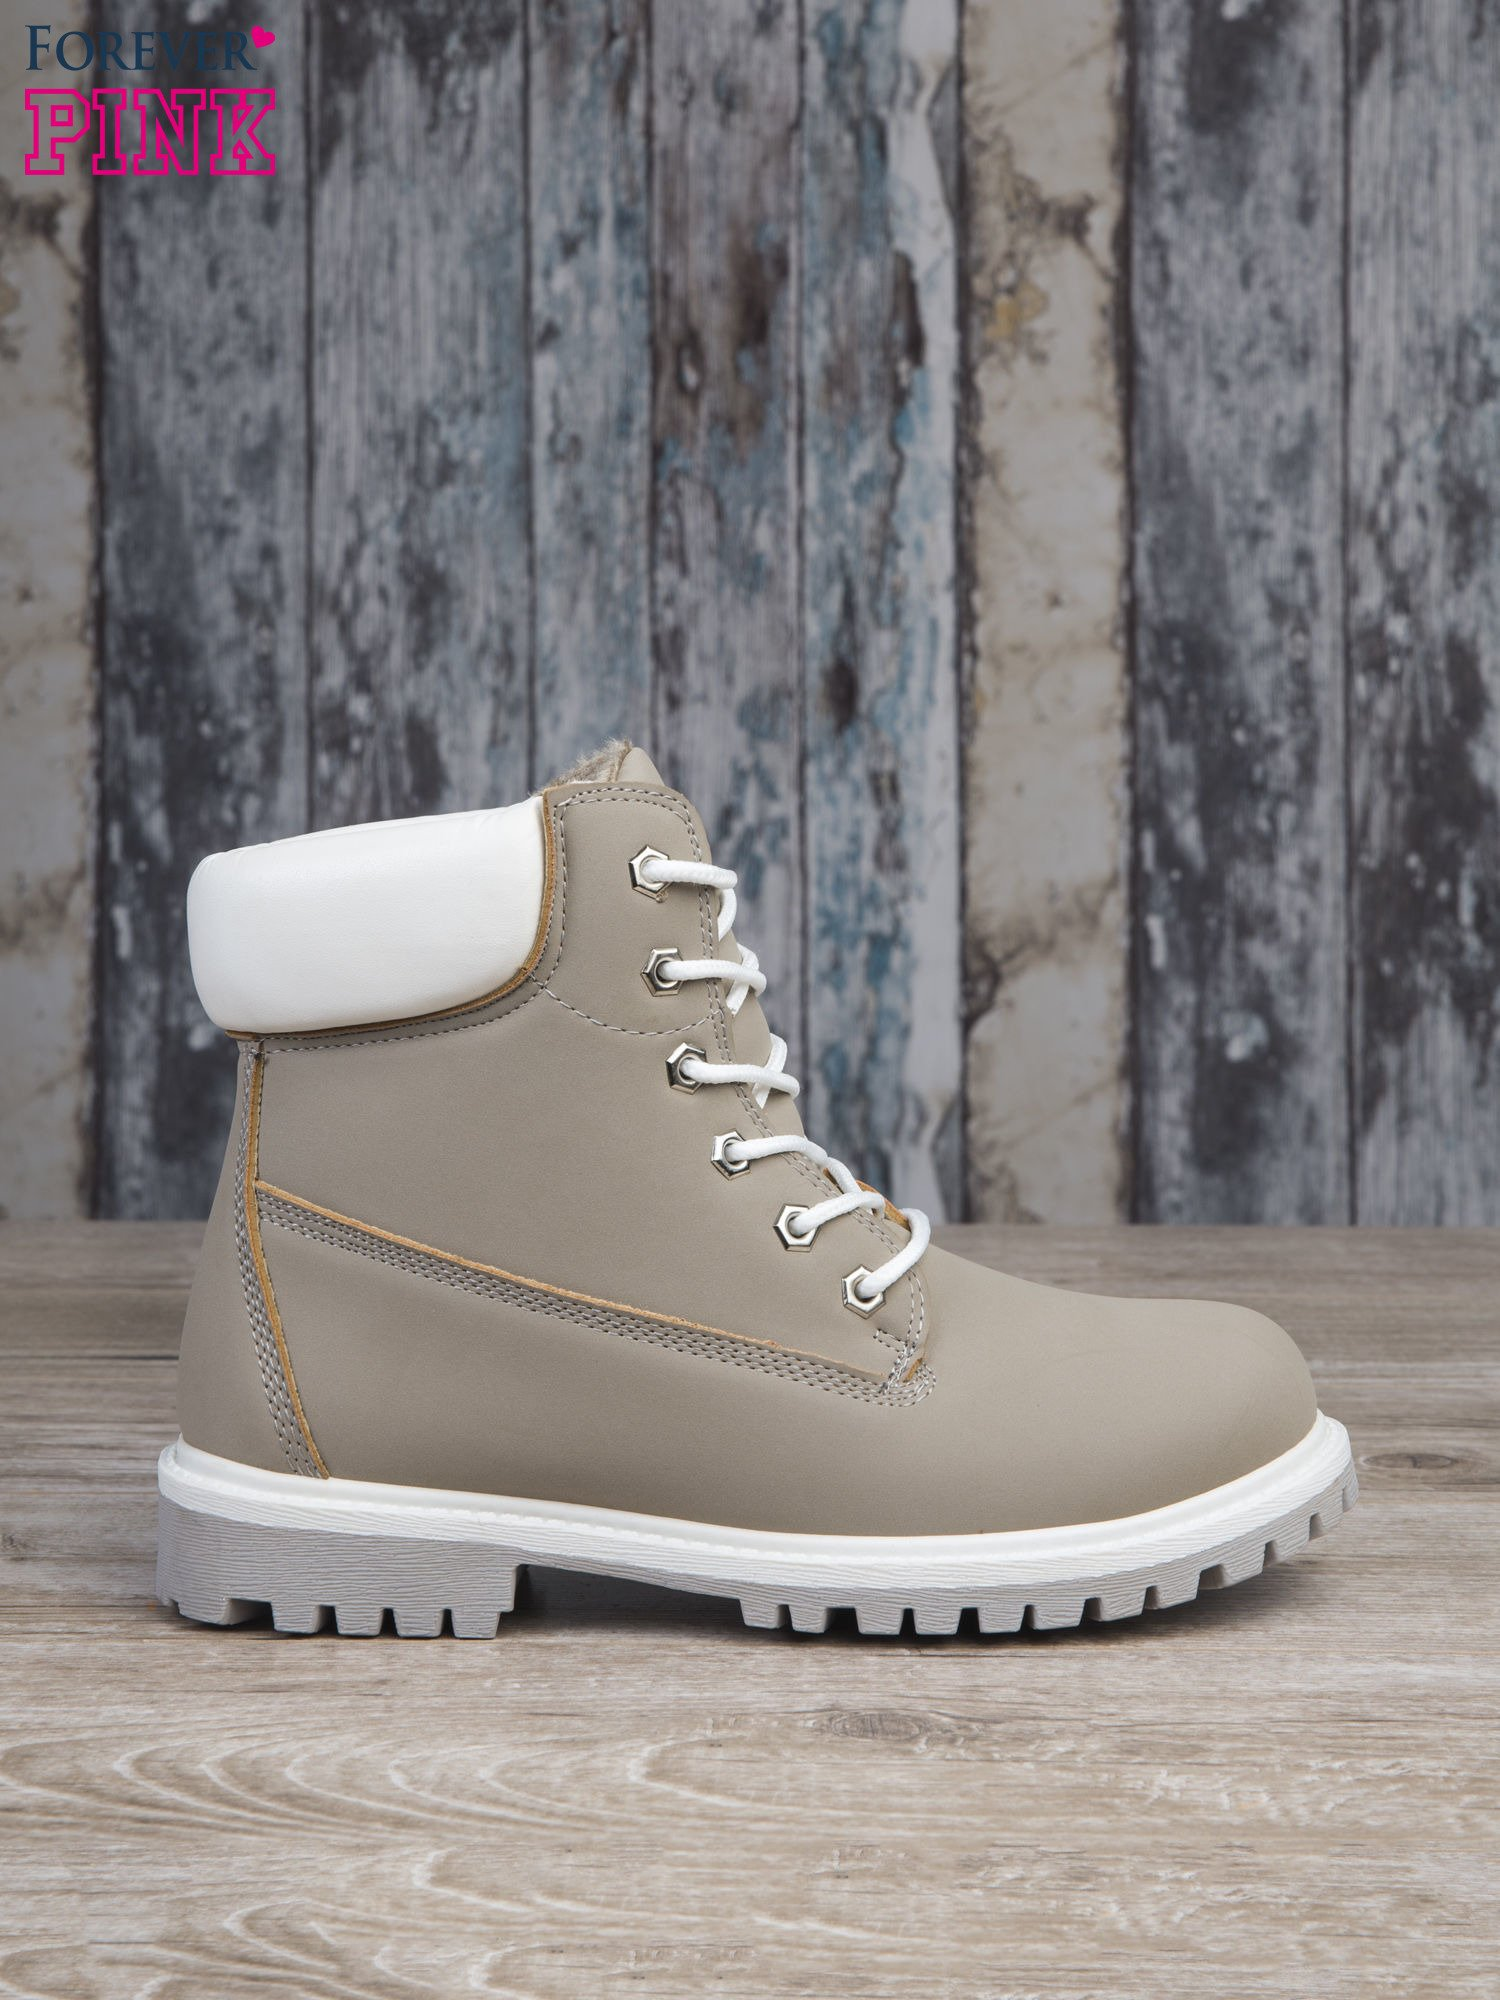 Szare buty trekkingowe damskie traperki ocieplane                                  zdj.                                  1